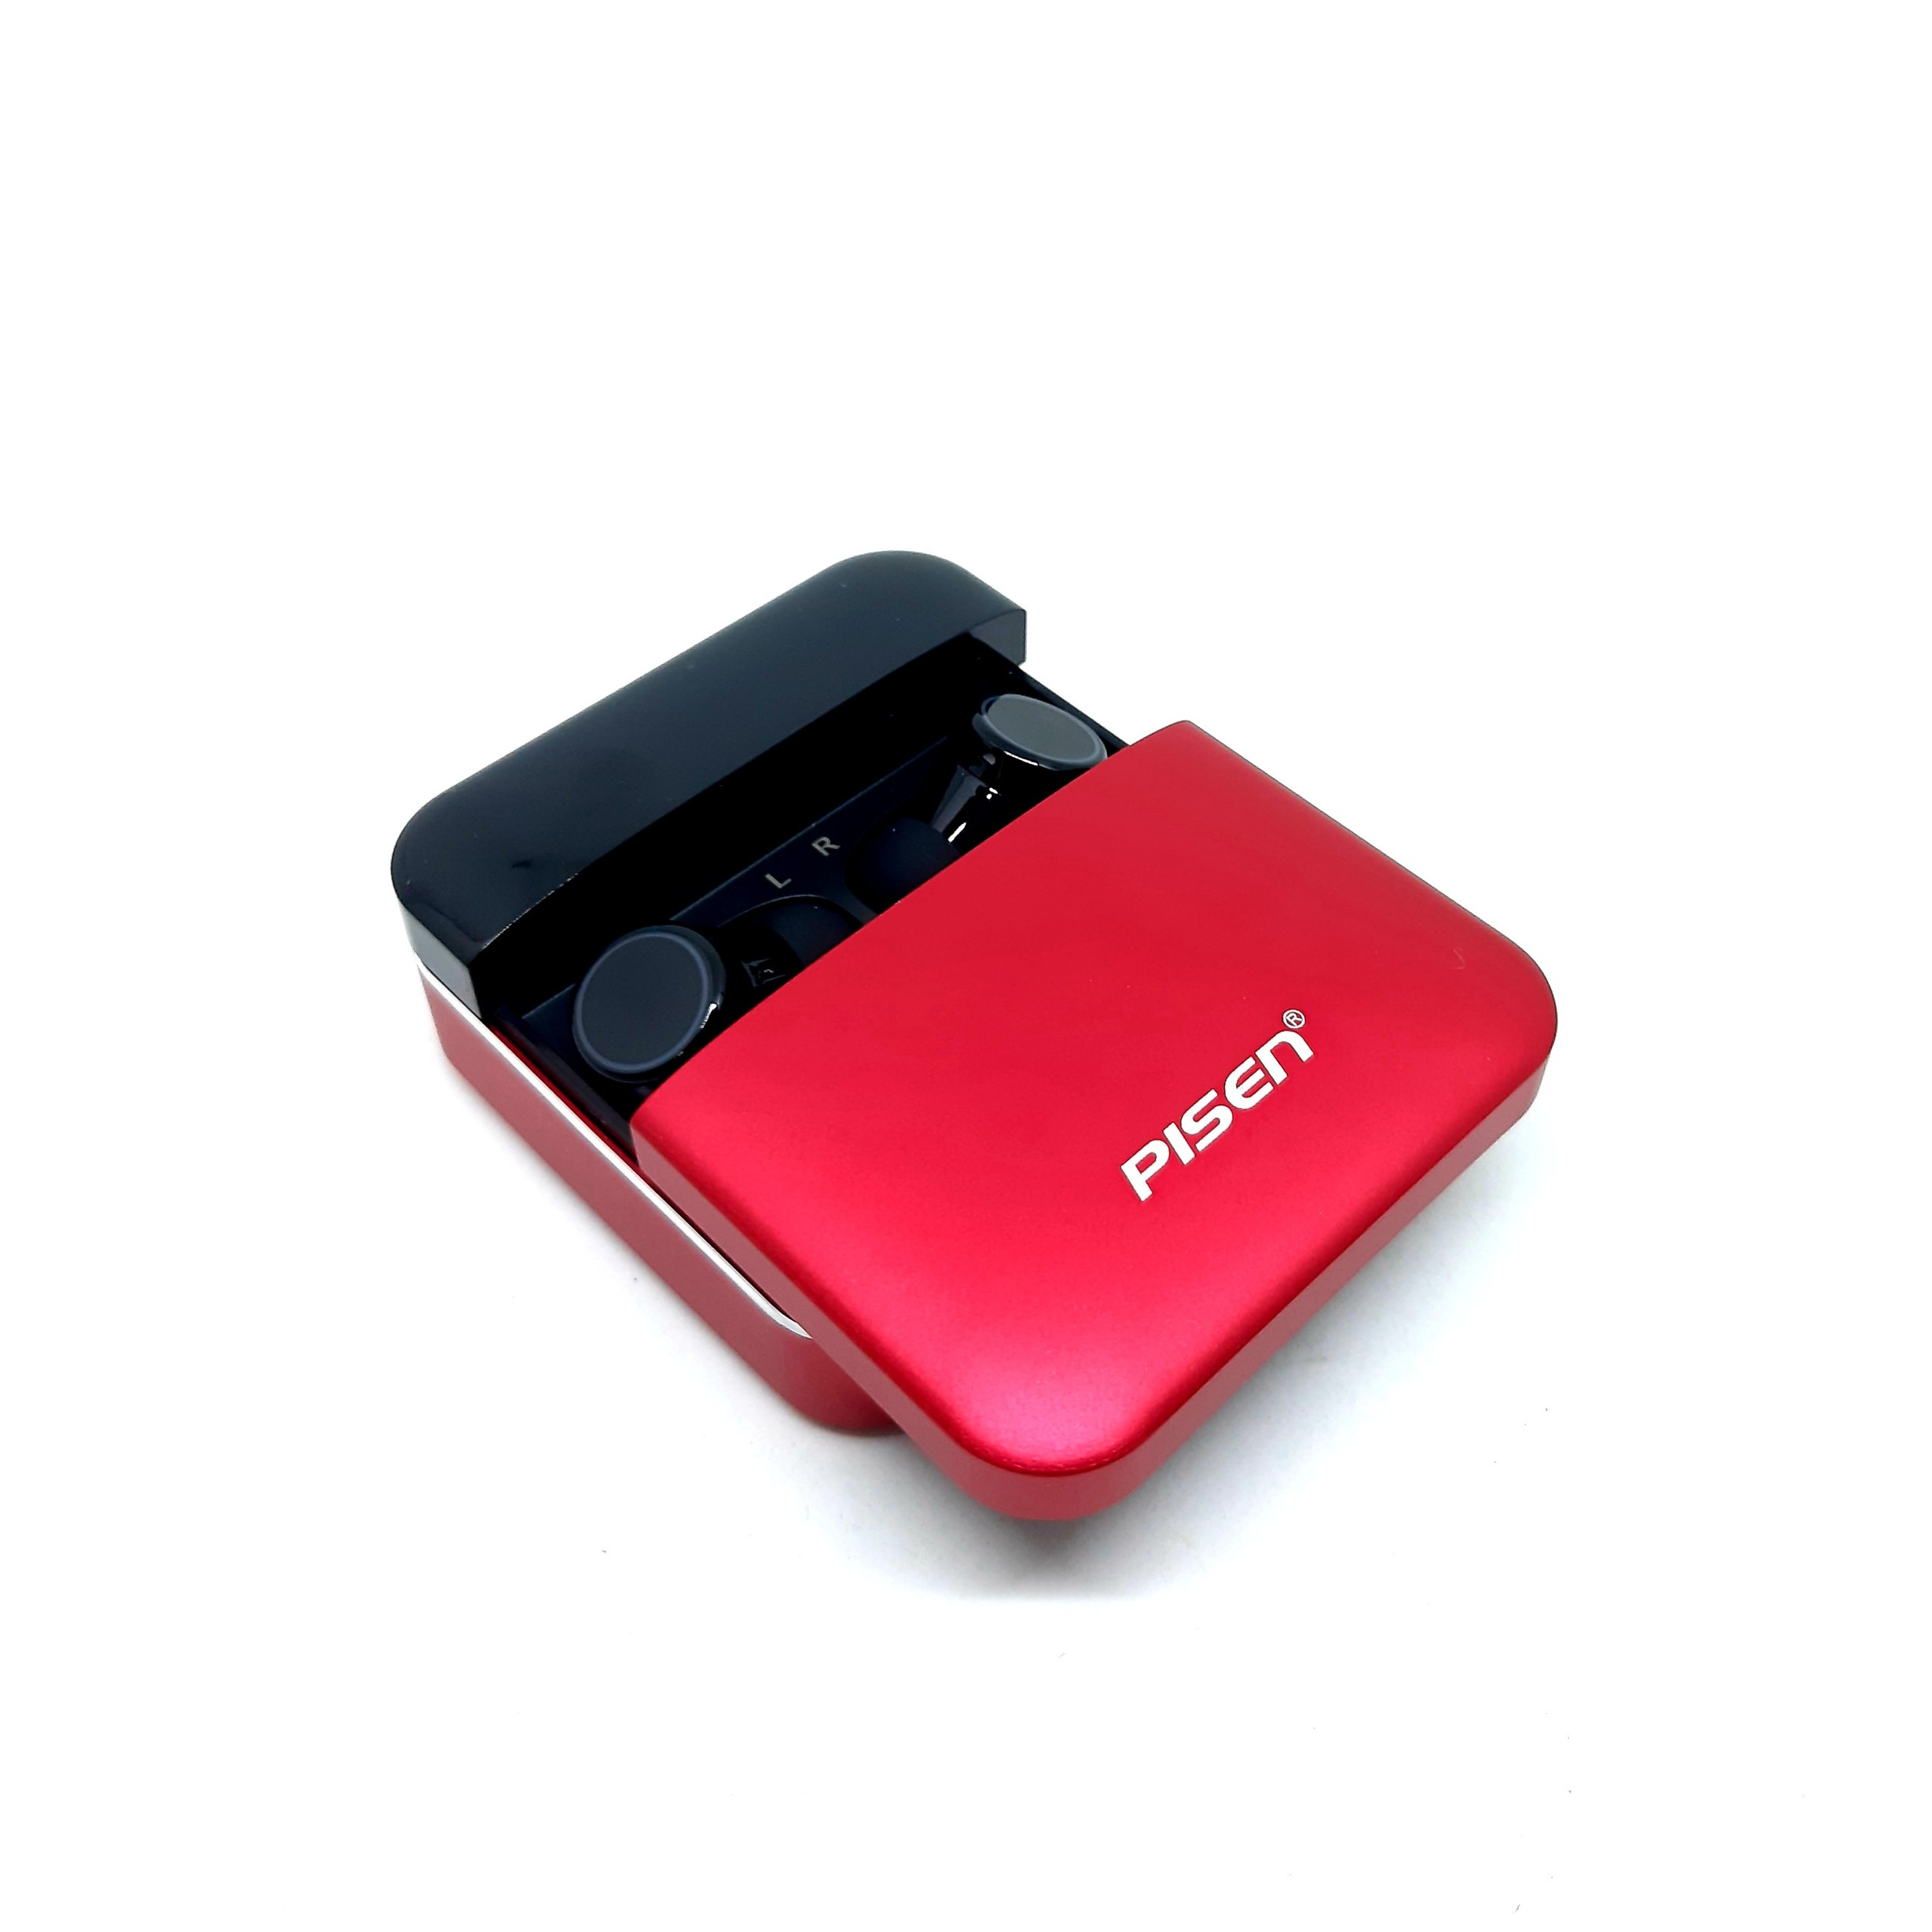 Tai nghe không dây PISEN True Wireless A-Buds2000 - Hàng Chính Hãng